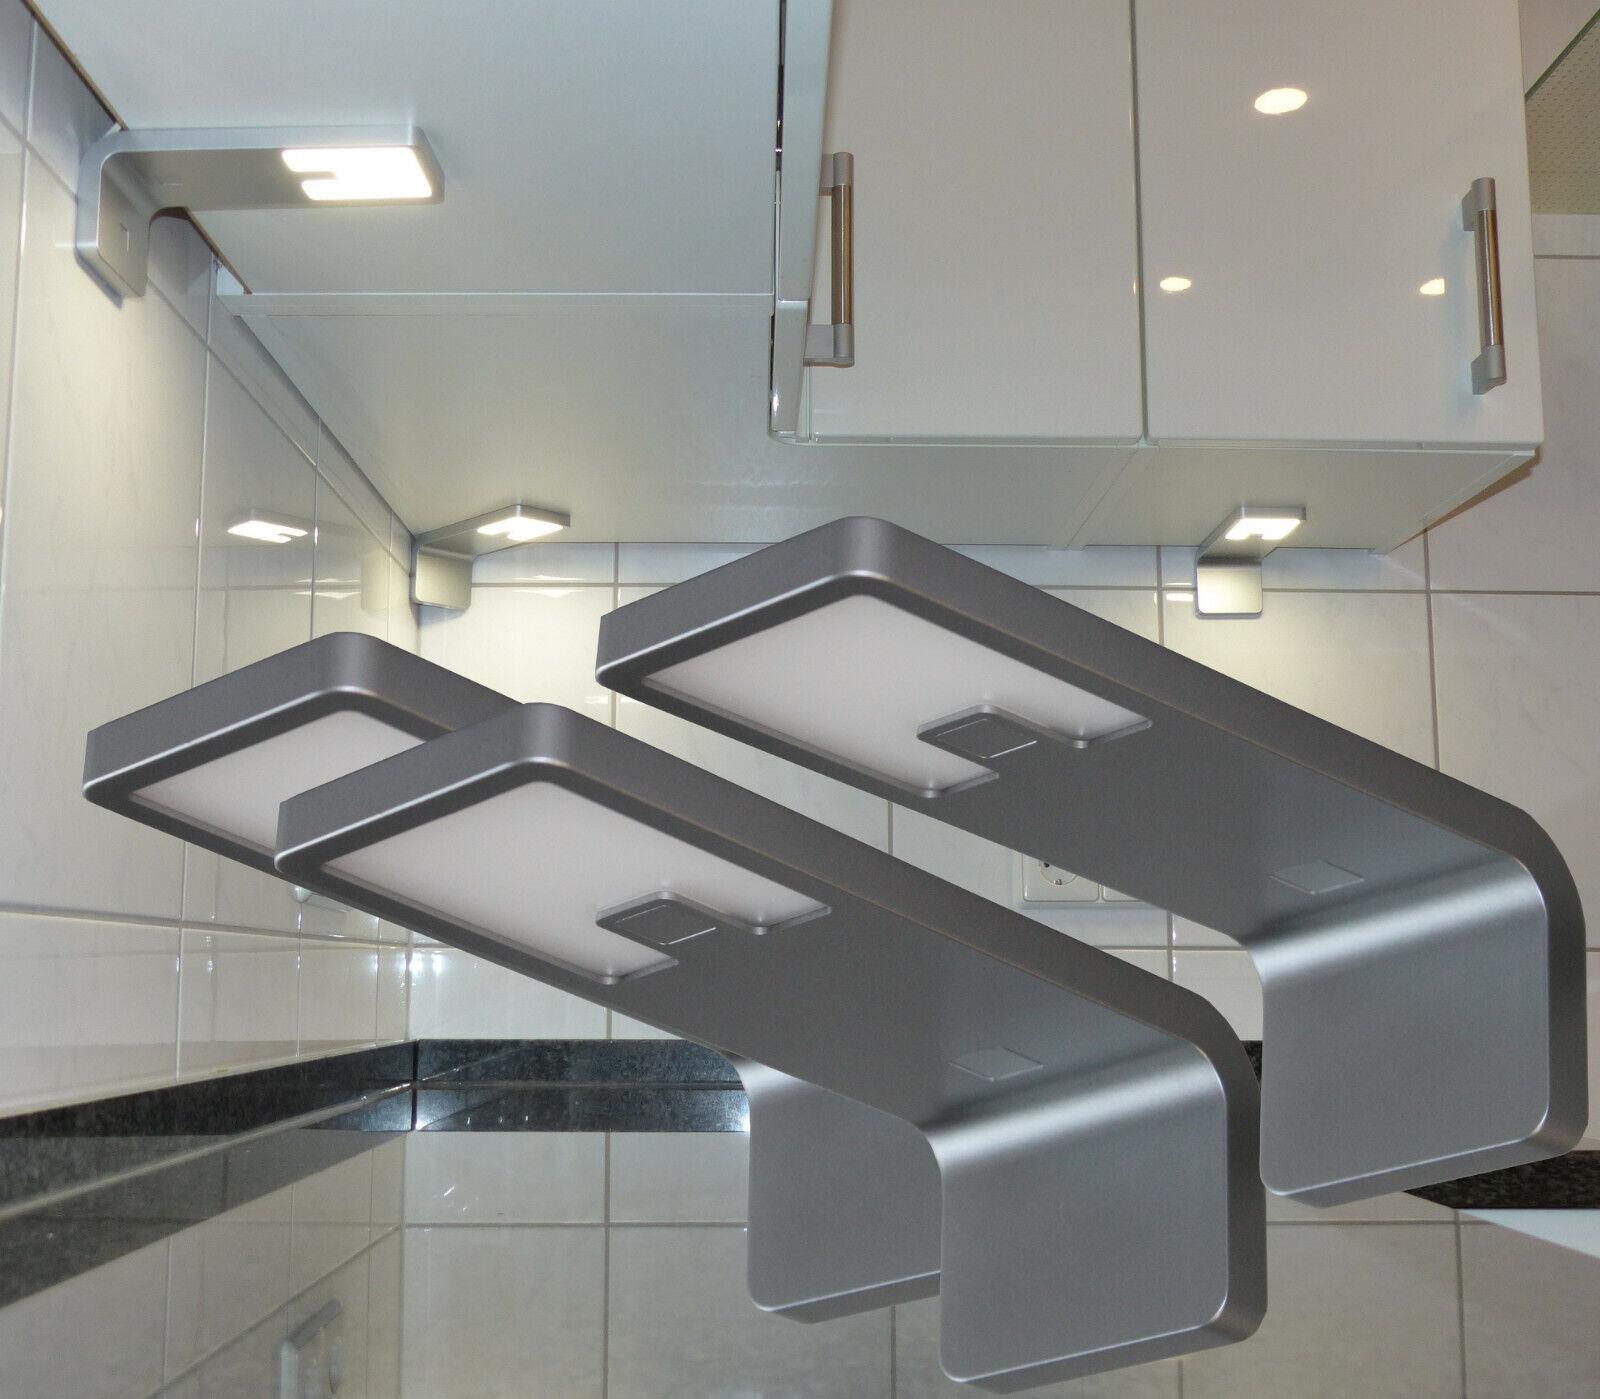 3x Led Unterbauleuchte Möbelleuchten Küchenleuchten Schrank Beleuchtung #2215